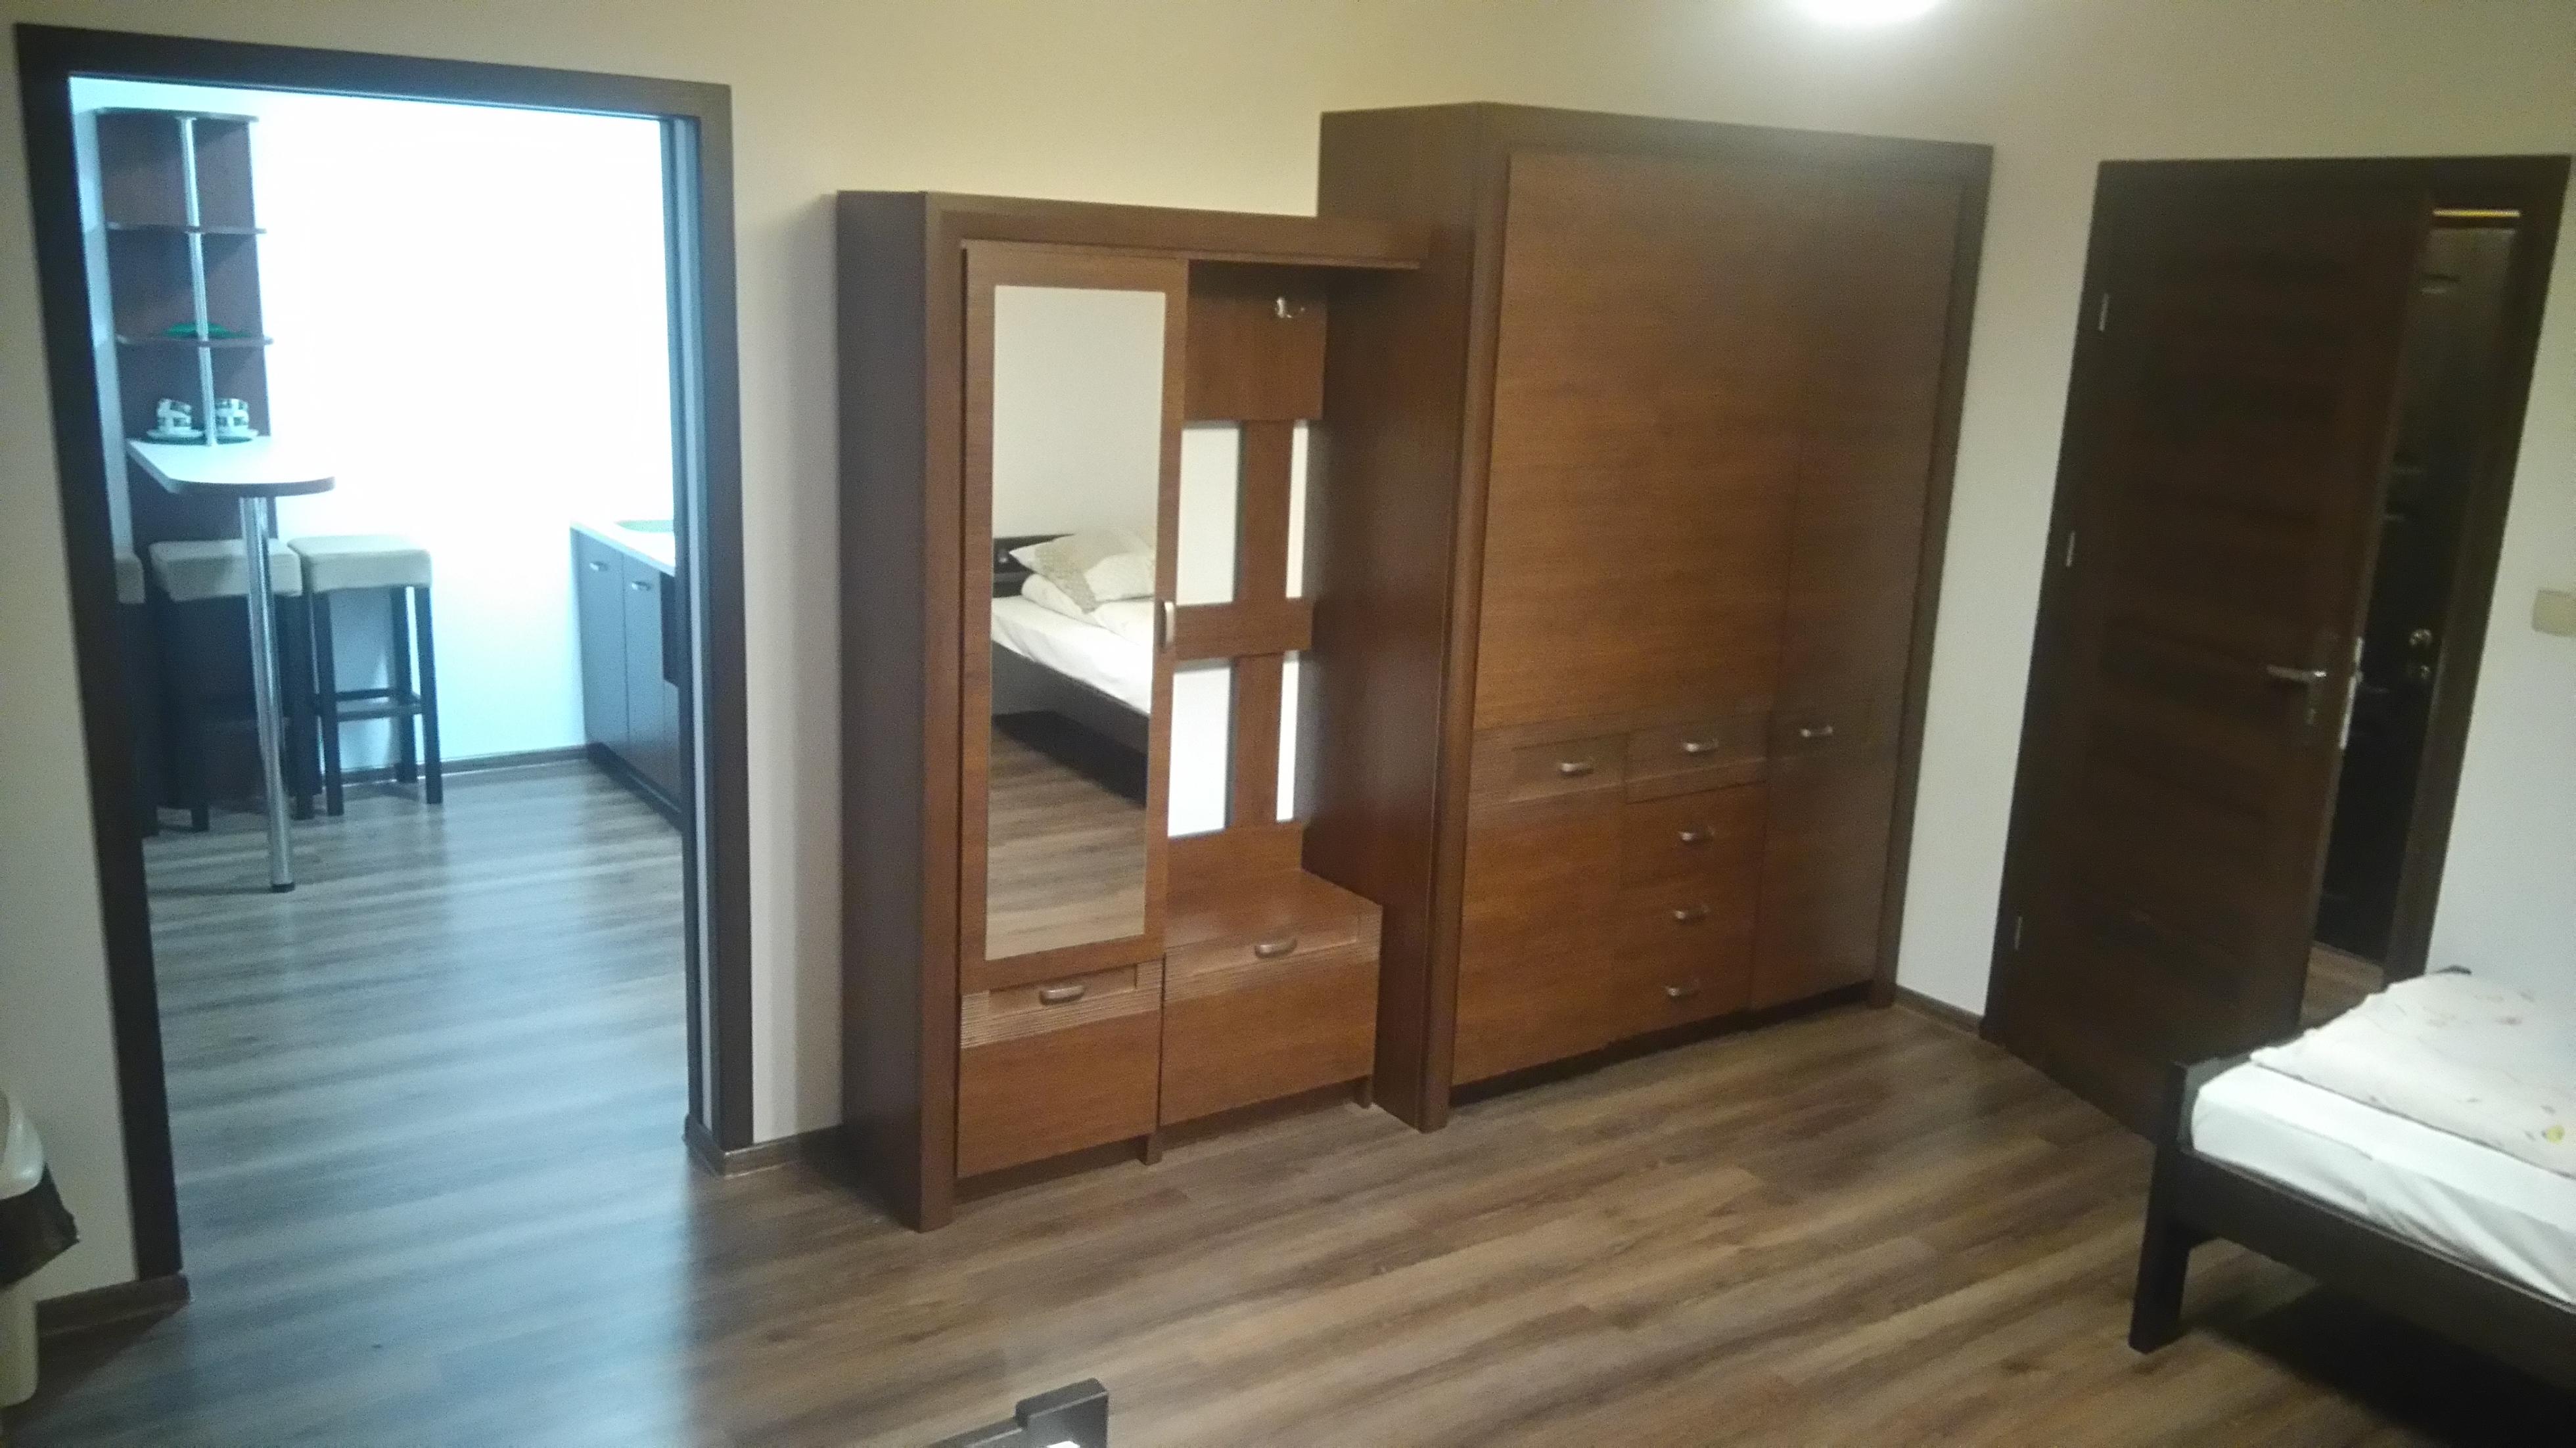 APARTAMENT Z JEDNĄ SYPIALNIĄ i pokojem dziennym (5 osób) – 63 M. KW (1 apartament)